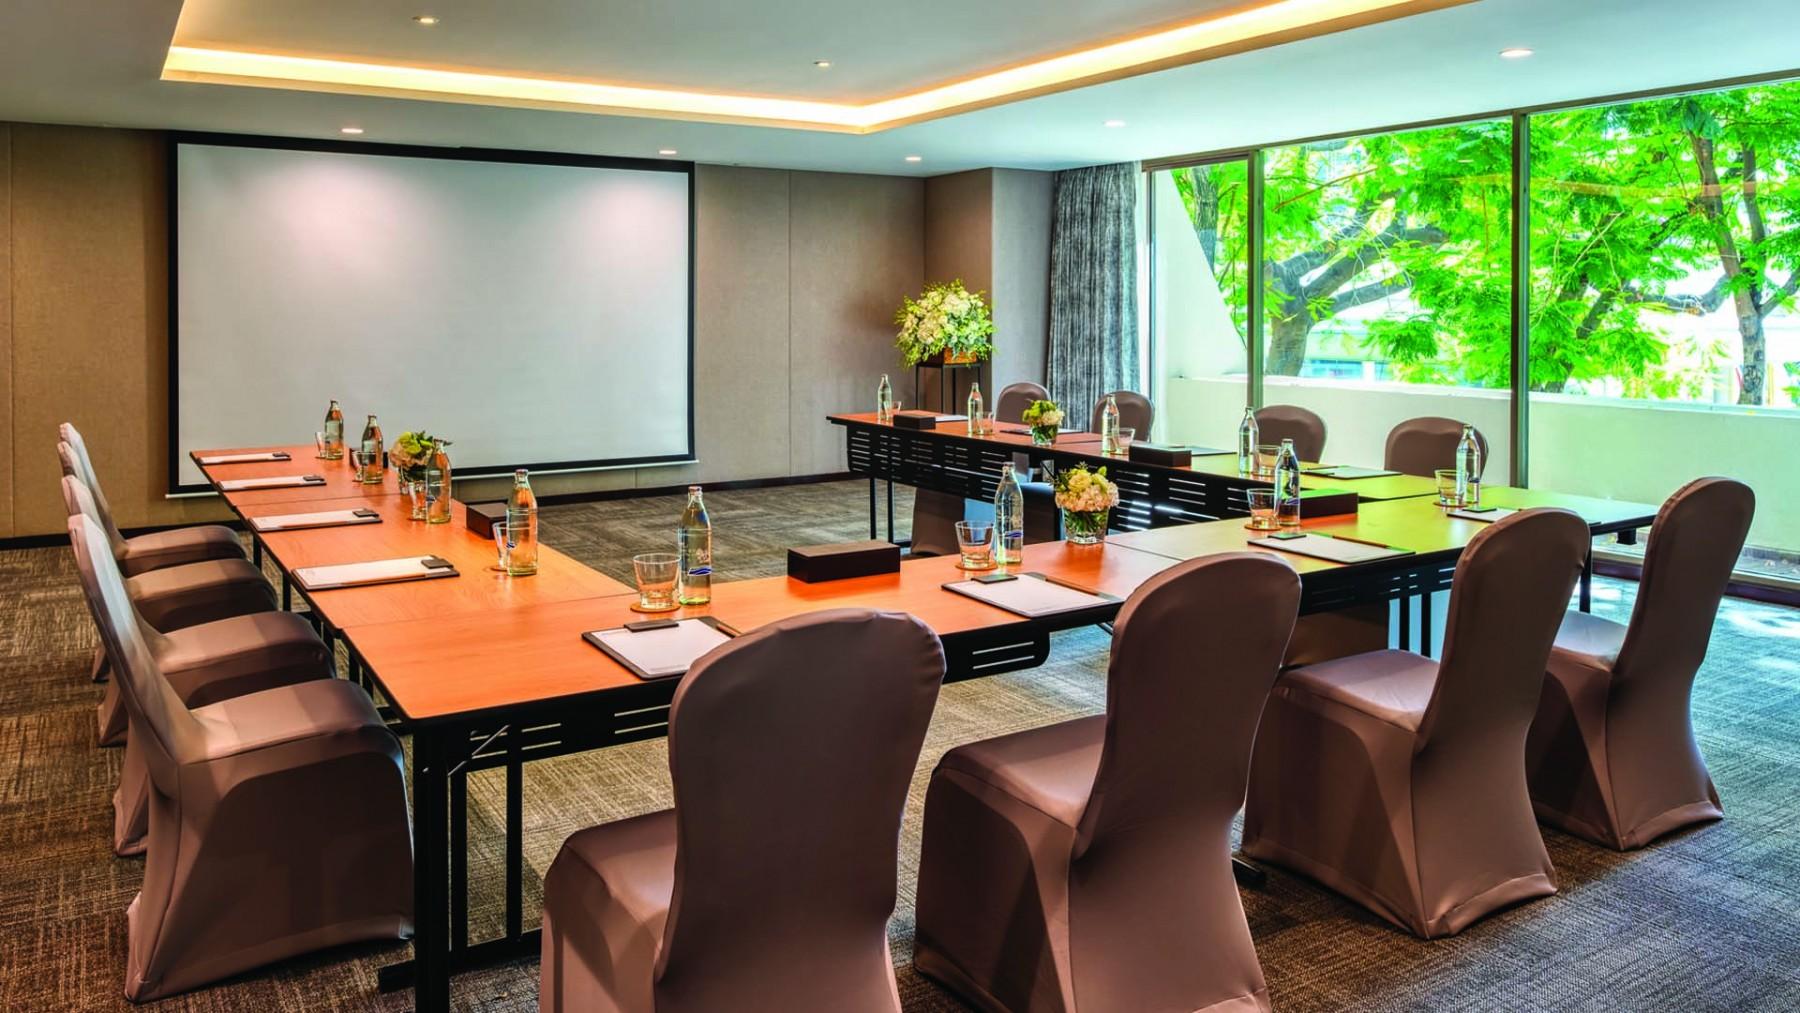 瑞享曼谷 BDMS 健康度假村会议室